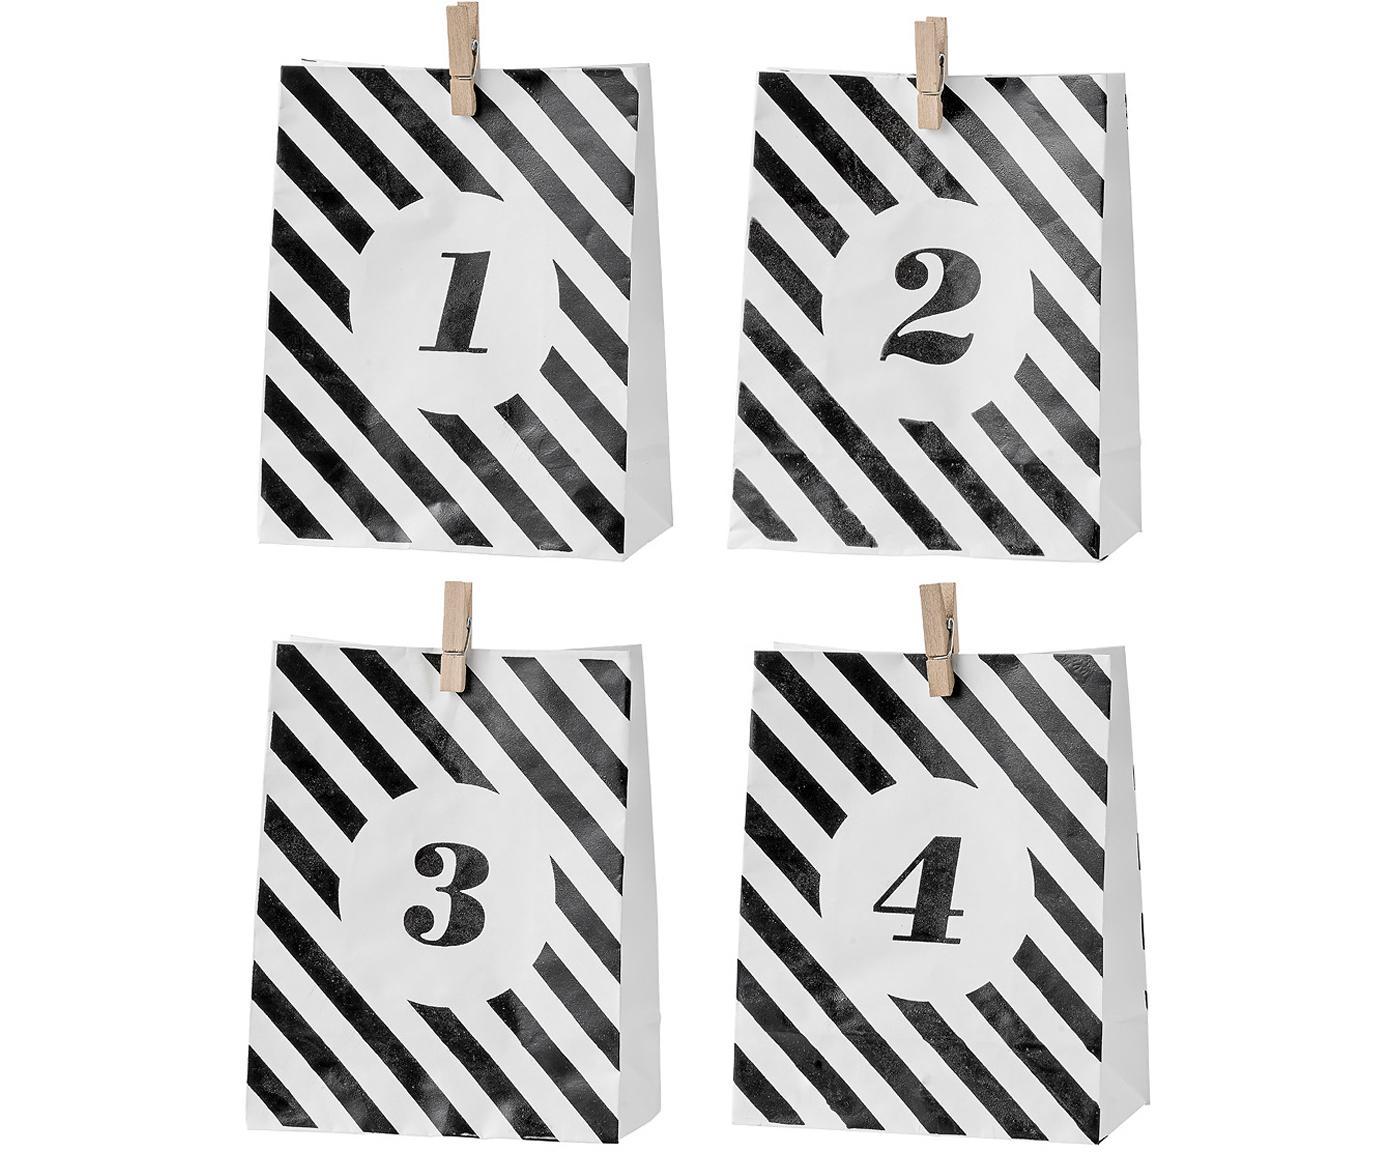 Set de bolsas de papel Advent, 4pzas., Papel, Negro, blanco, An 15 x Al 18 cm